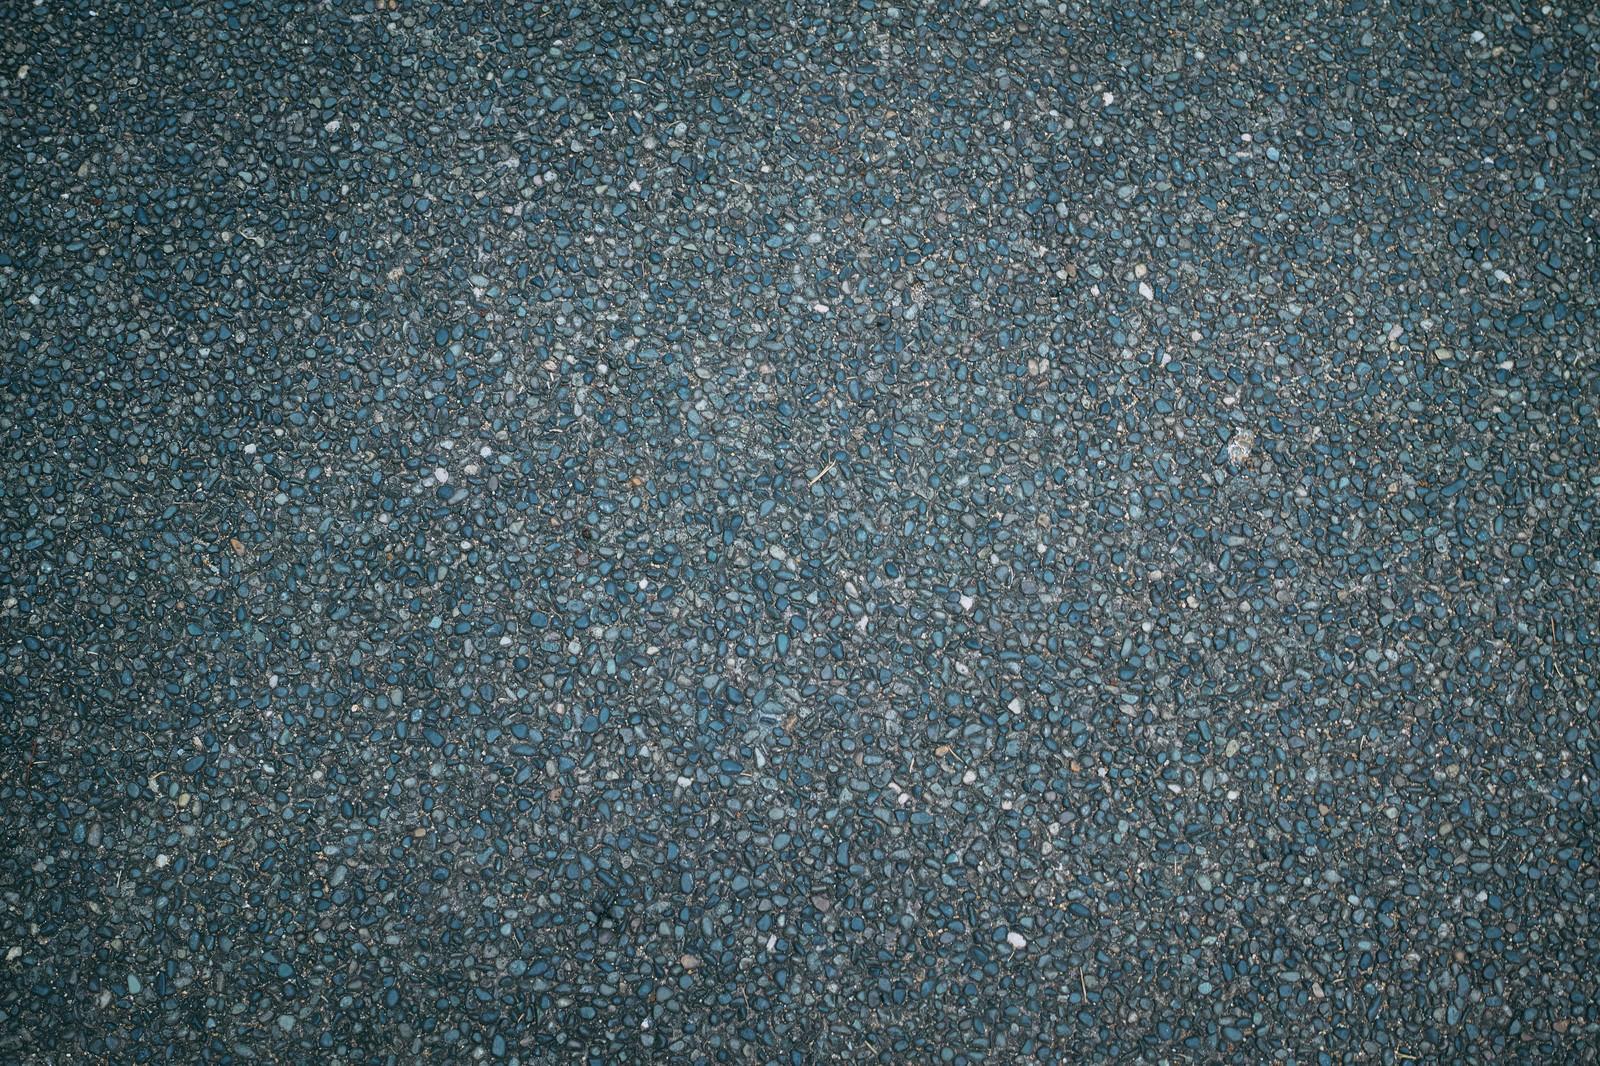 「細かな粒の石畳(テクスチャ)」の写真